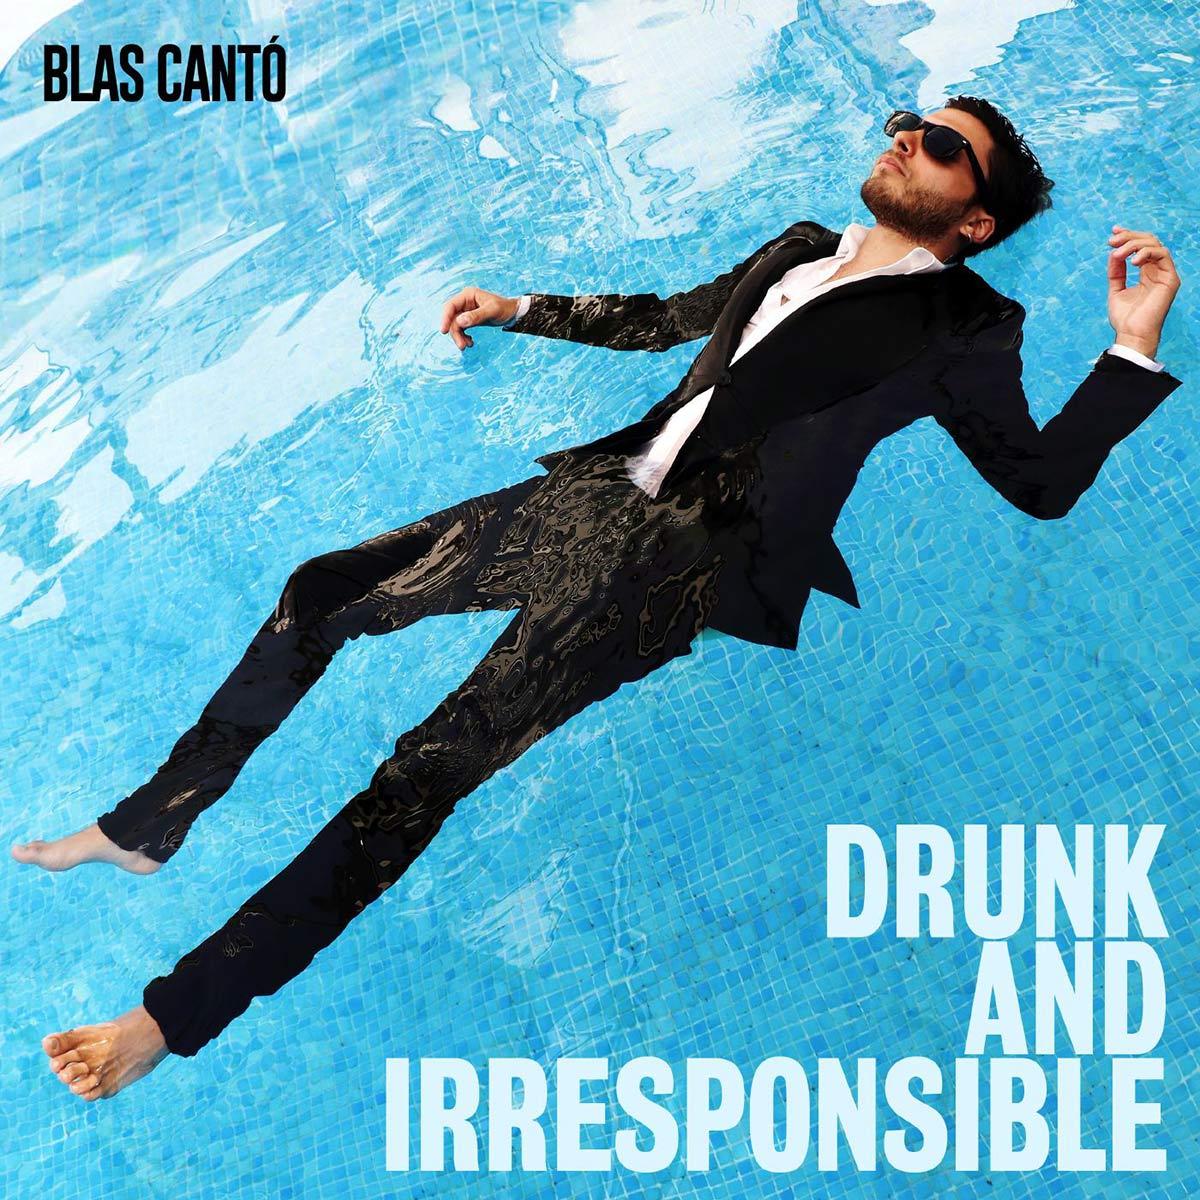 blas-canto-drunk-irresponsible